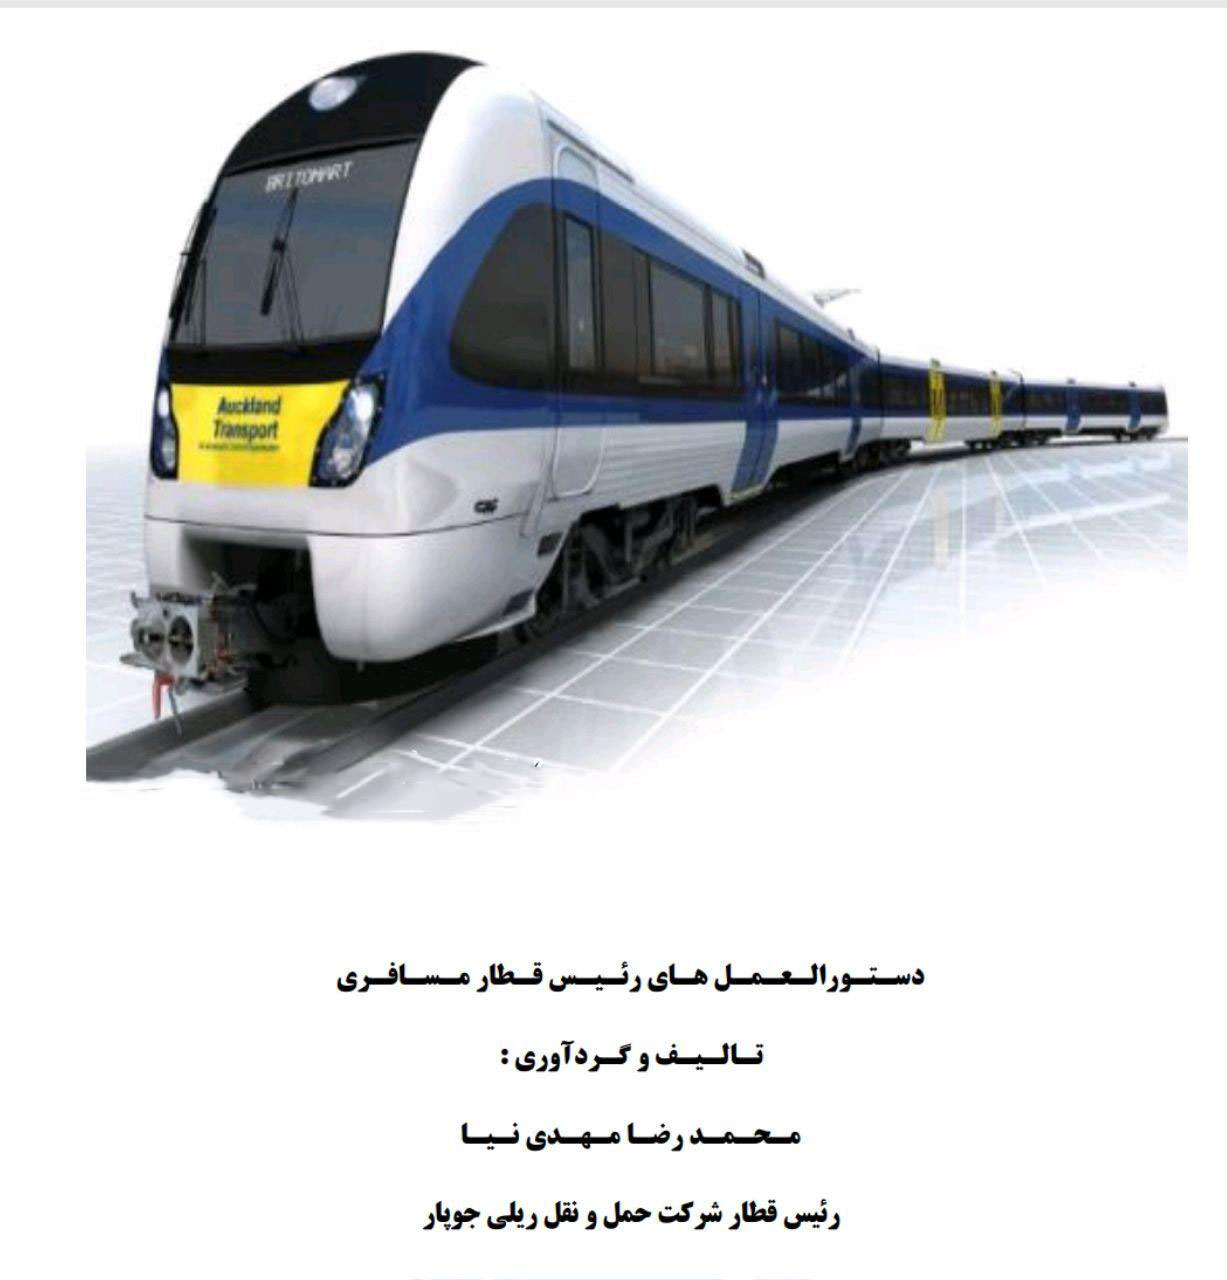 دستورالعمل های رئیس قطار مسافری